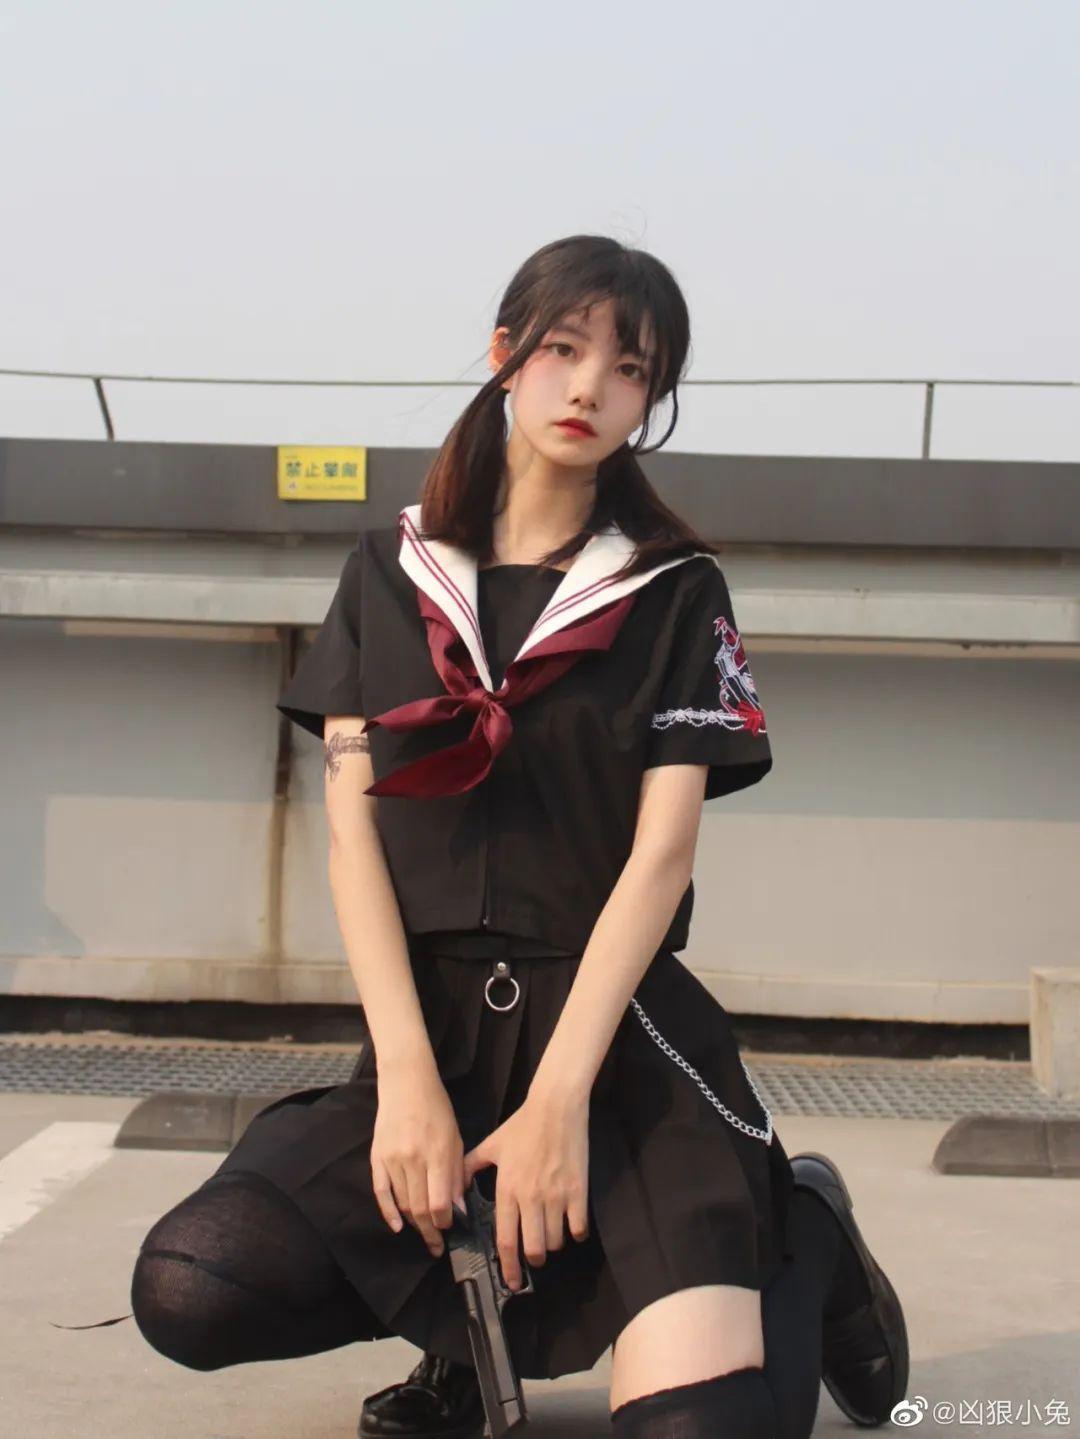 妹子摄影 – JK制服兽耳娘小姐姐+ 双马尾小姐姐_图片 No.9